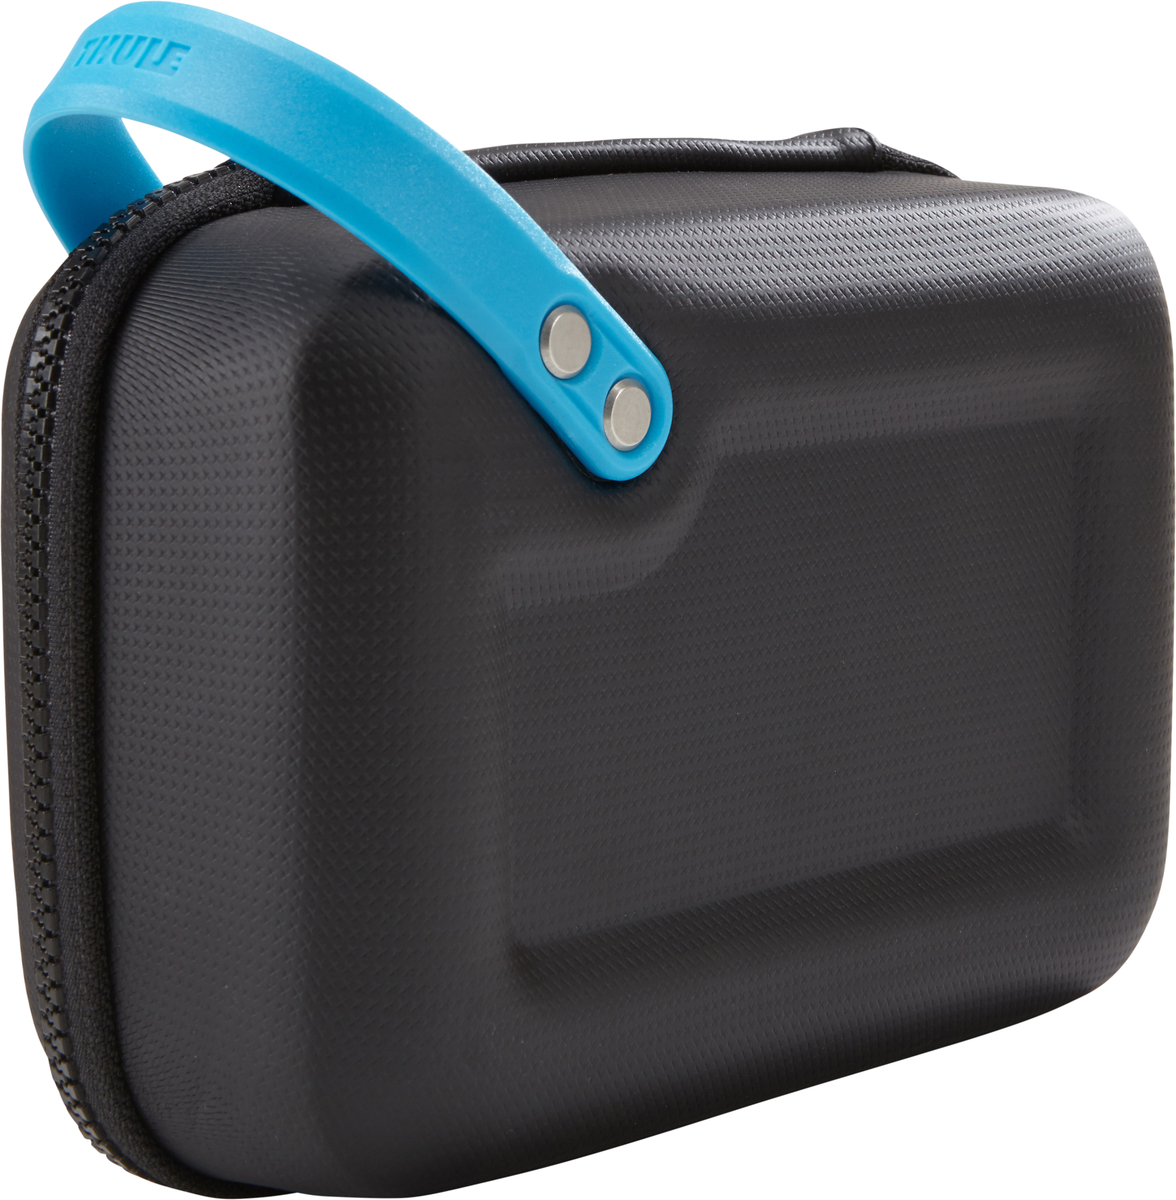 Чехол для экшн-камеры Thule Legend GoPro Case, цвет: черный, 21 x 8 x 15 см3203052Thule Legend GoPro - долговечный чехол для камеры GoPro с удобными отделениями для всех необходимых аксессуаров поможет вести съемку в любом путешествии. Ударопрочный отсек с мягкой подкладкой позволяет хранить камеру GoPro, LCD Touch BacPac, пульт дистанционного управления, запасные аккумуляторы и SD-карты. Съемная подкладка из прессованной пены облегчает очистку внутренней поверхности от пыли, грязи, песка и пр. В жестком кармане можно хранить зарядные устройства, кабели и ремни для крепления. Благодаря тонкому дизайну с легкостью умещается в другой сумке. Полужесткая конструкция и прочное покрытие обеспечивают защиту и надежность хвата. Большие язычки на молниях обеспечивают удобство доступа даже в том случае, если на вас надеты перчатки. Встроенную удобную ручку можно прикреплять с помощью карабина к поясному ремню, а также наплечным ремням и рюкзаку. Яркая внутренняя отделка поможет быстро найти мелкие предметы. Удобное отверстие линейного выхода позволяет заряжать камеру GoPro на ходу.